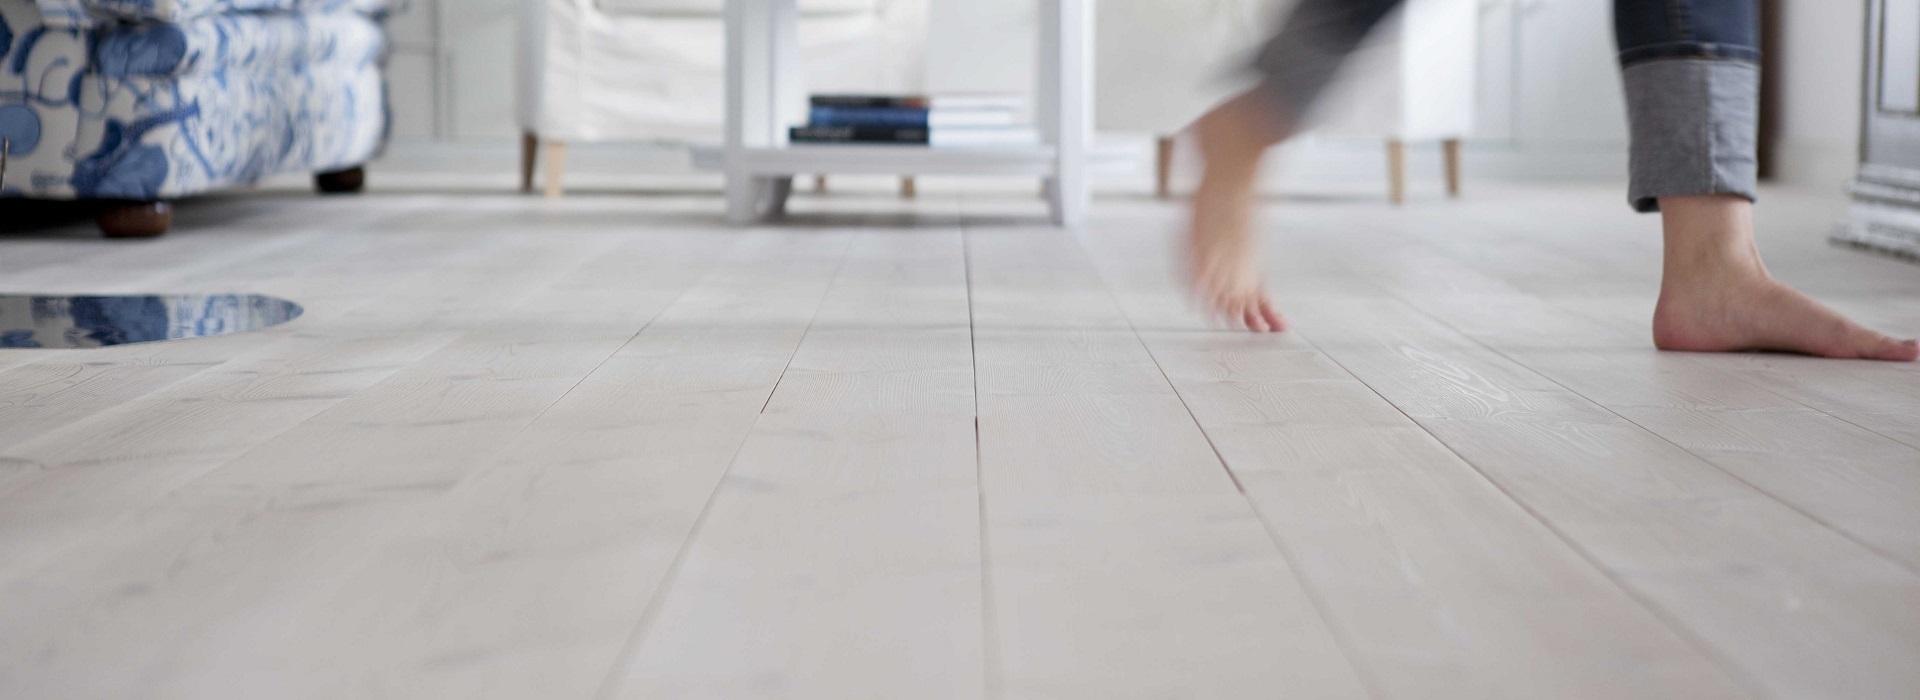 herdins golv inspiration behandla ditt golv